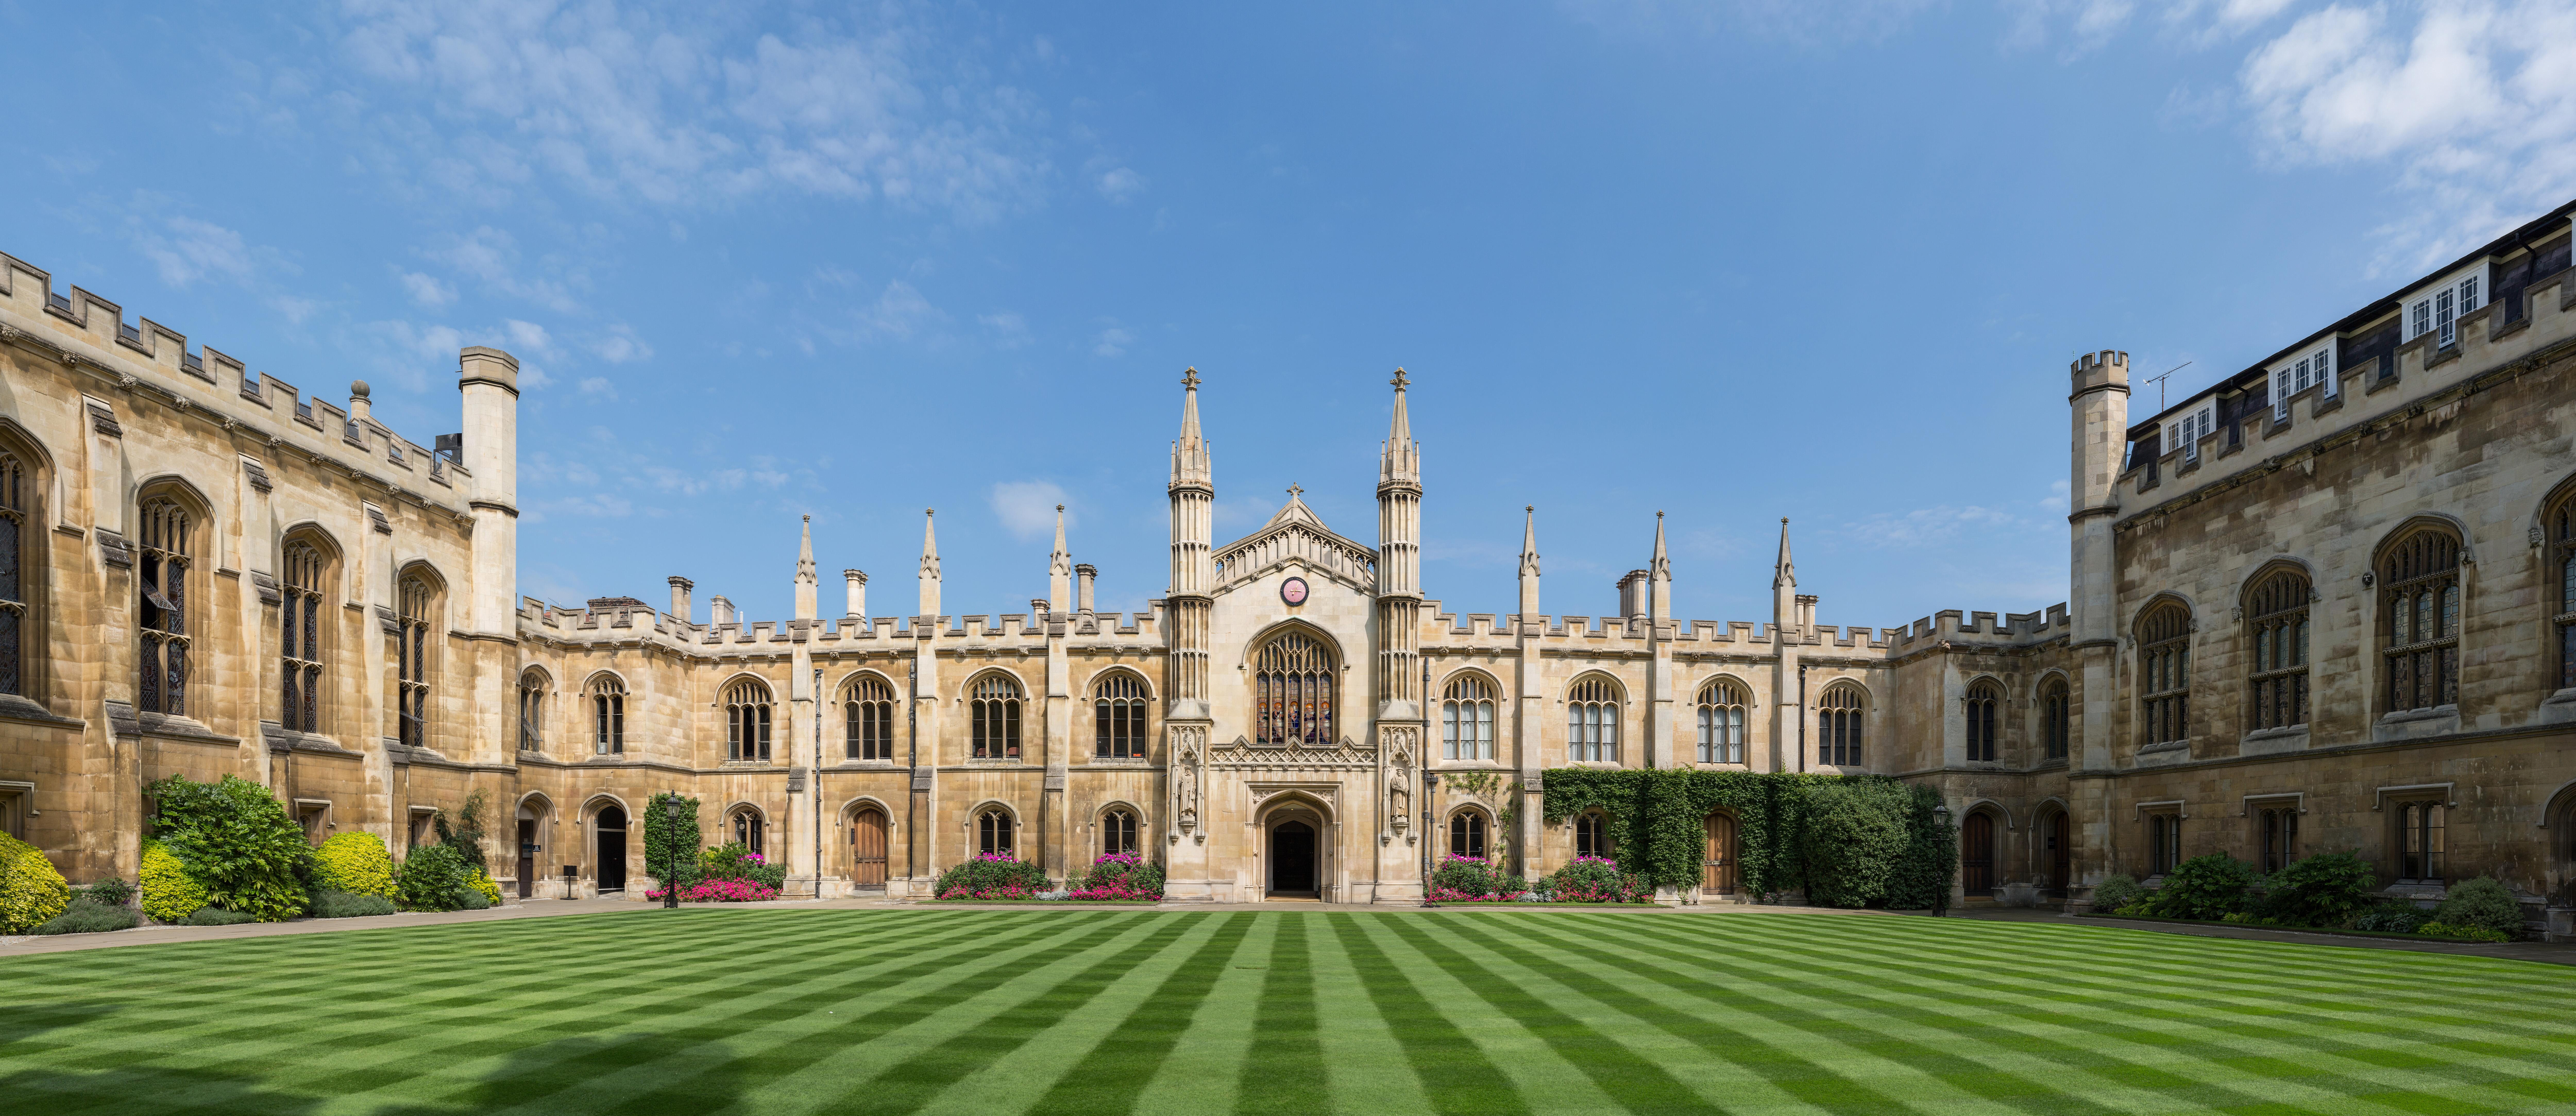 5 melhores universidades do Reino Unido